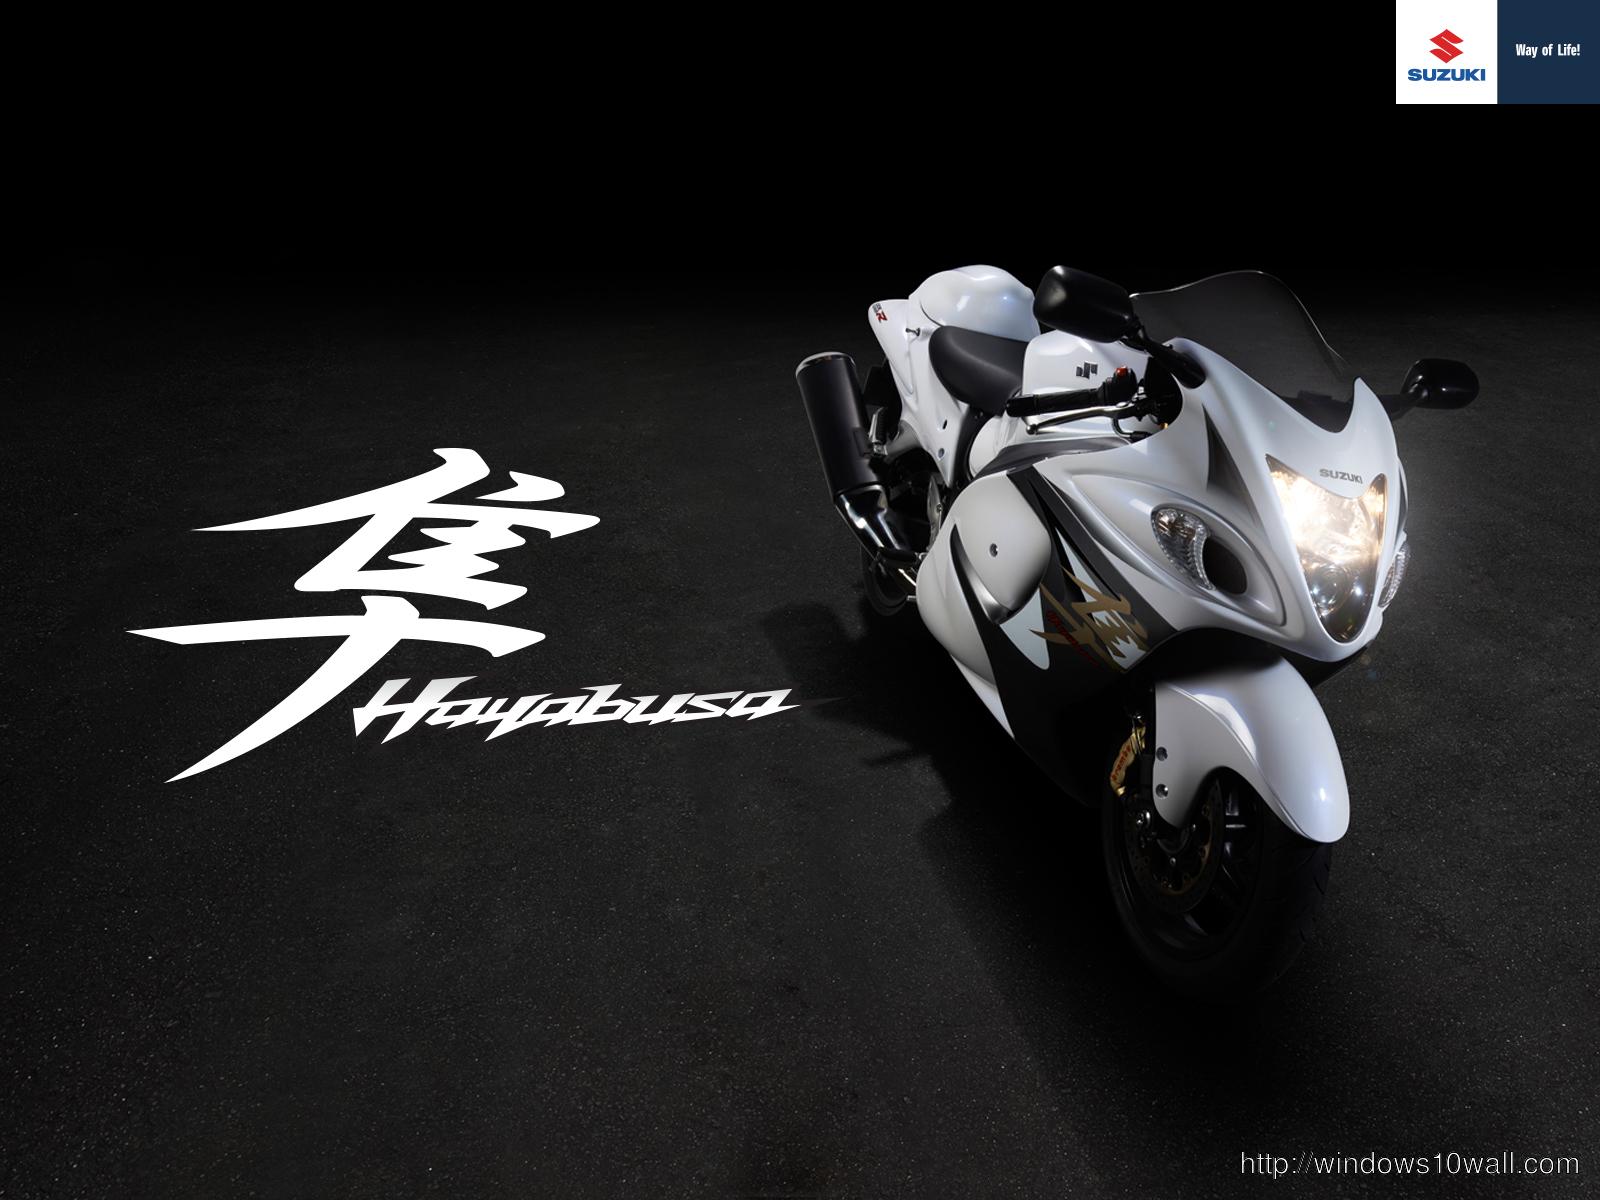 Suzuki Gsxr 1300 Hayabusa 2013 Desktop Background